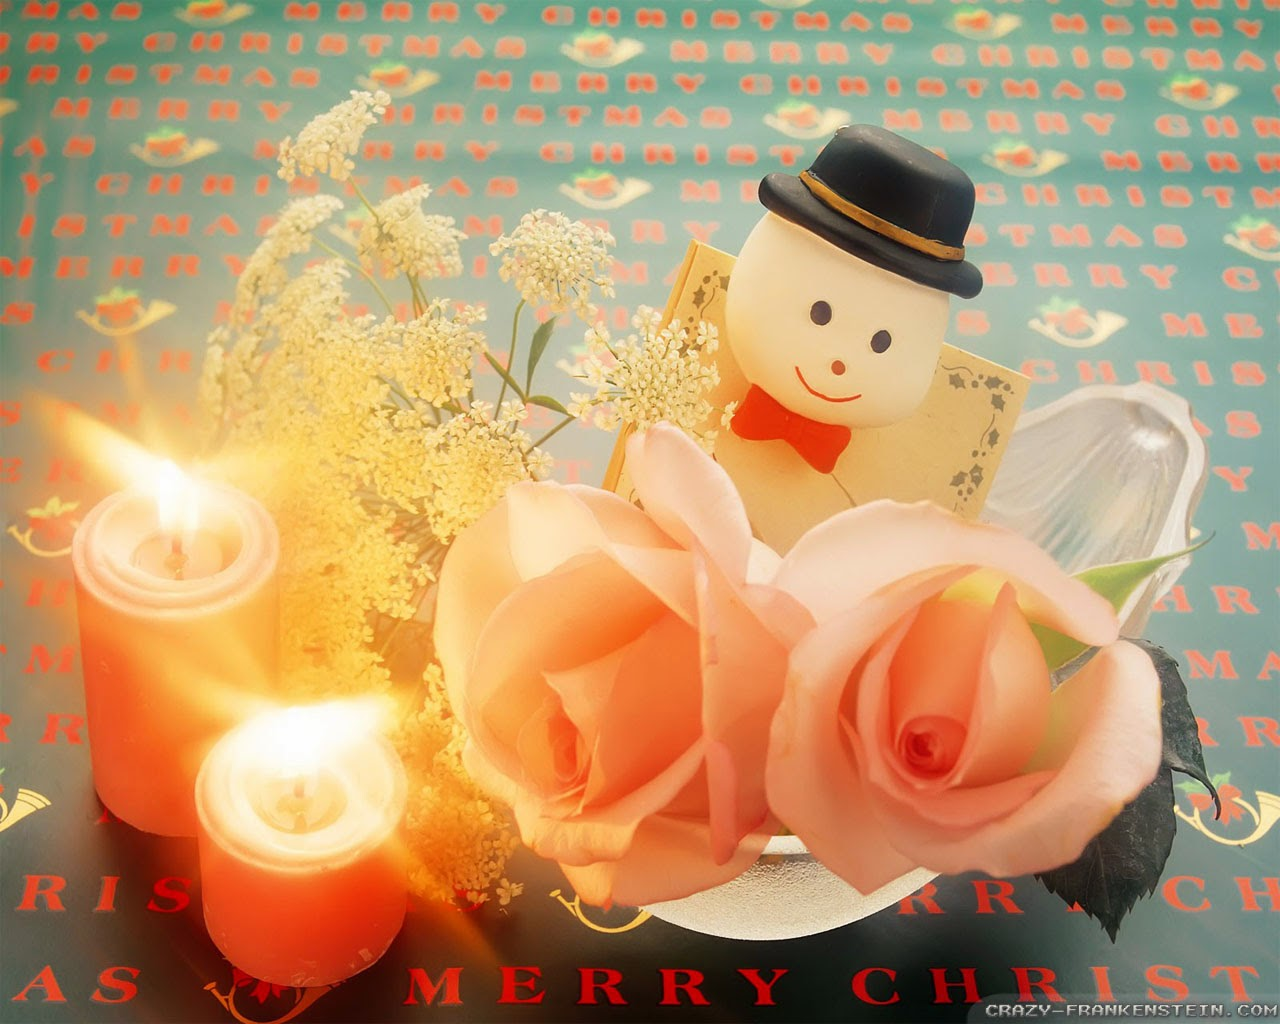 schneem u00e4nner  u2013 weihnachtsgrussbilder